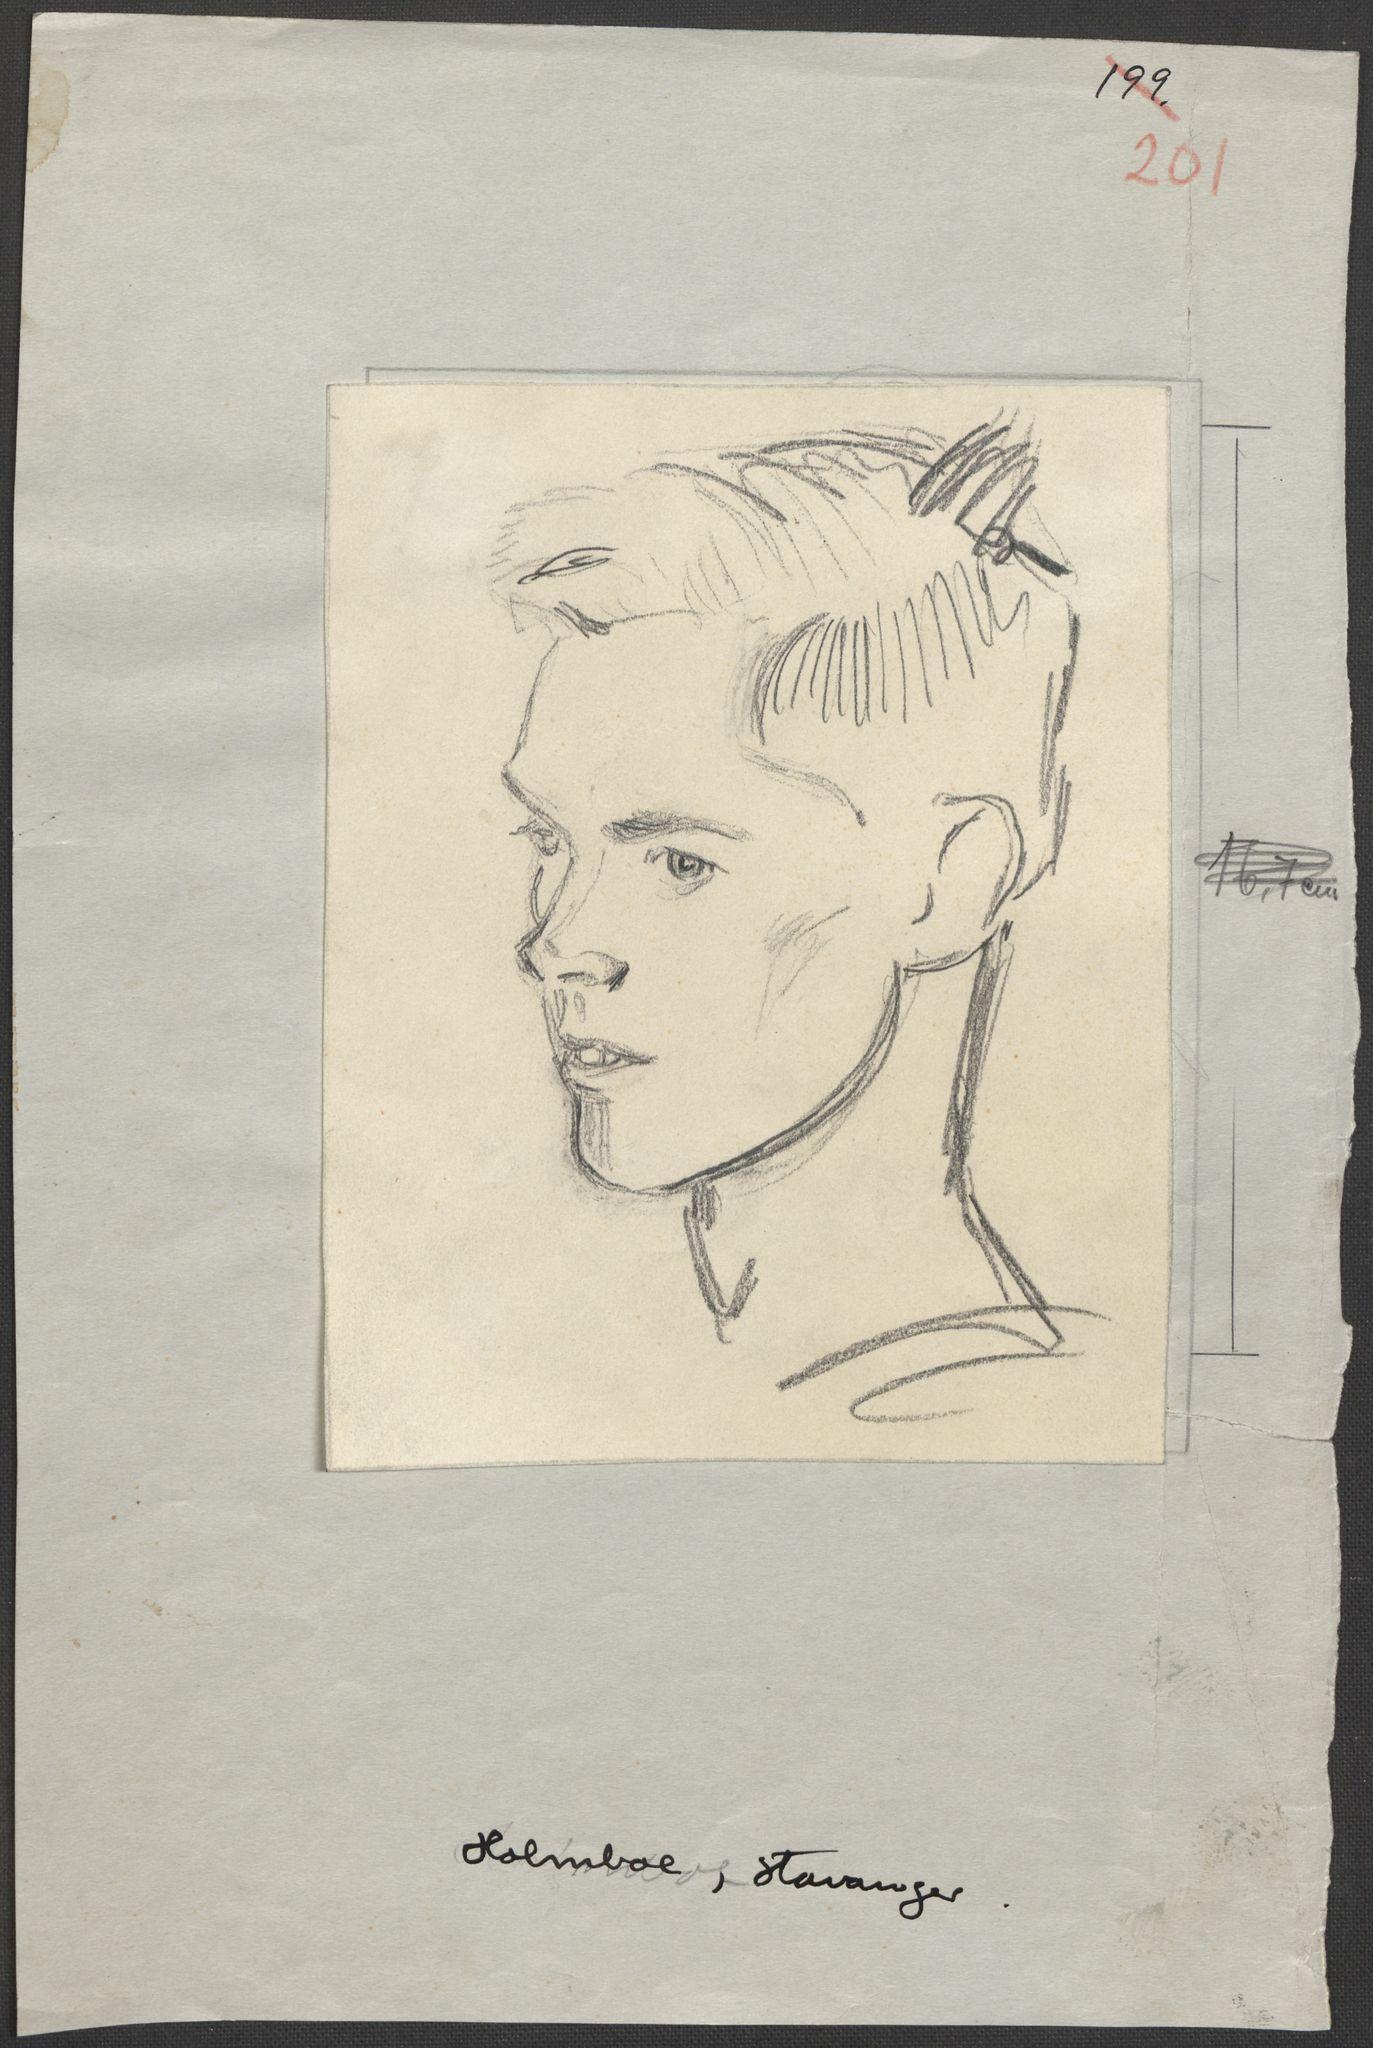 RA, Grøgaard, Joachim, F/L0002: Tegninger og tekster, 1942-1945, p. 95